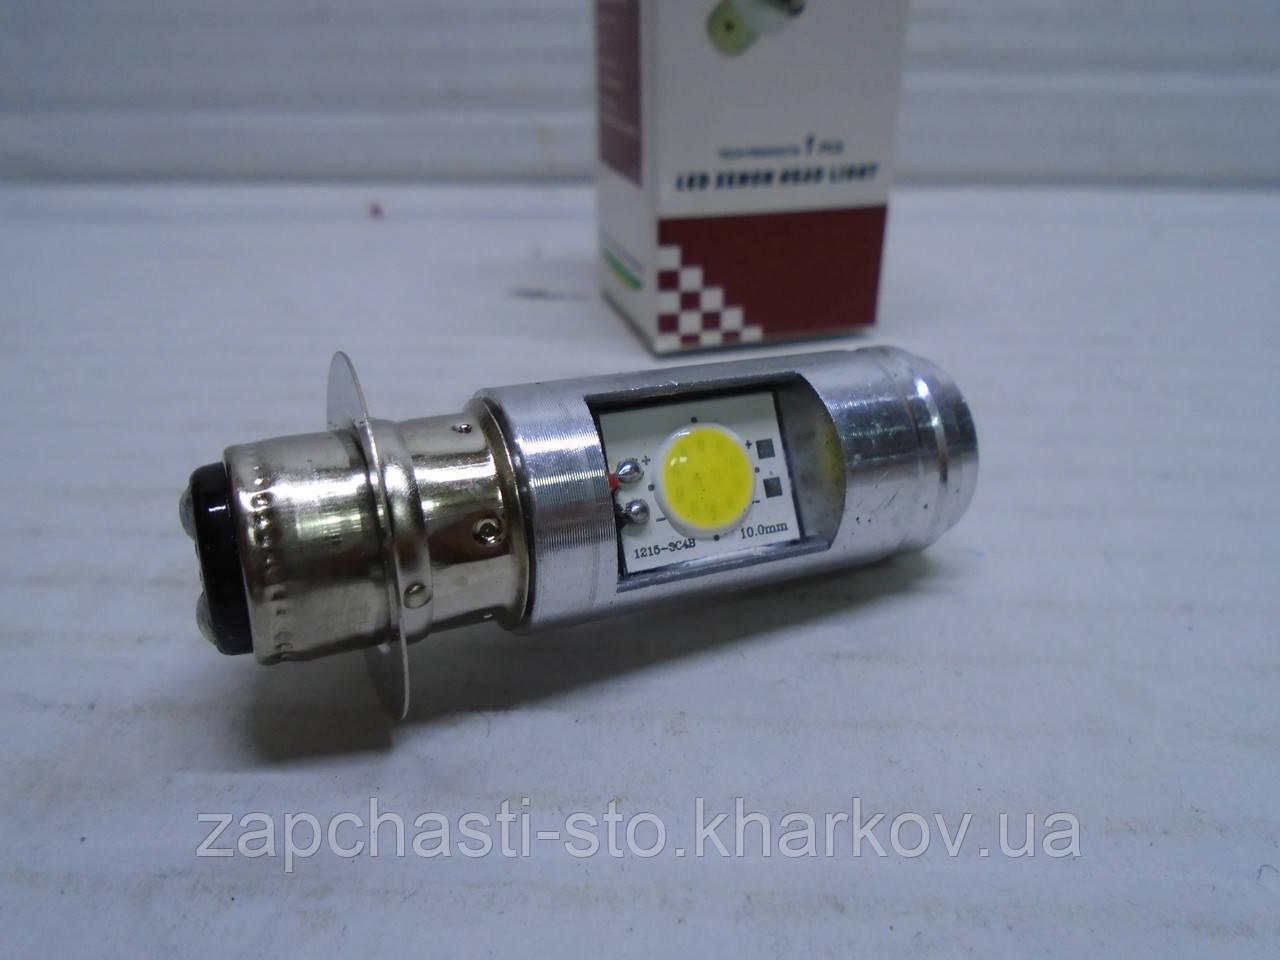 Лампа фары для мотоцикла, скутера, мопеда LED светодиодная P15D-25-1